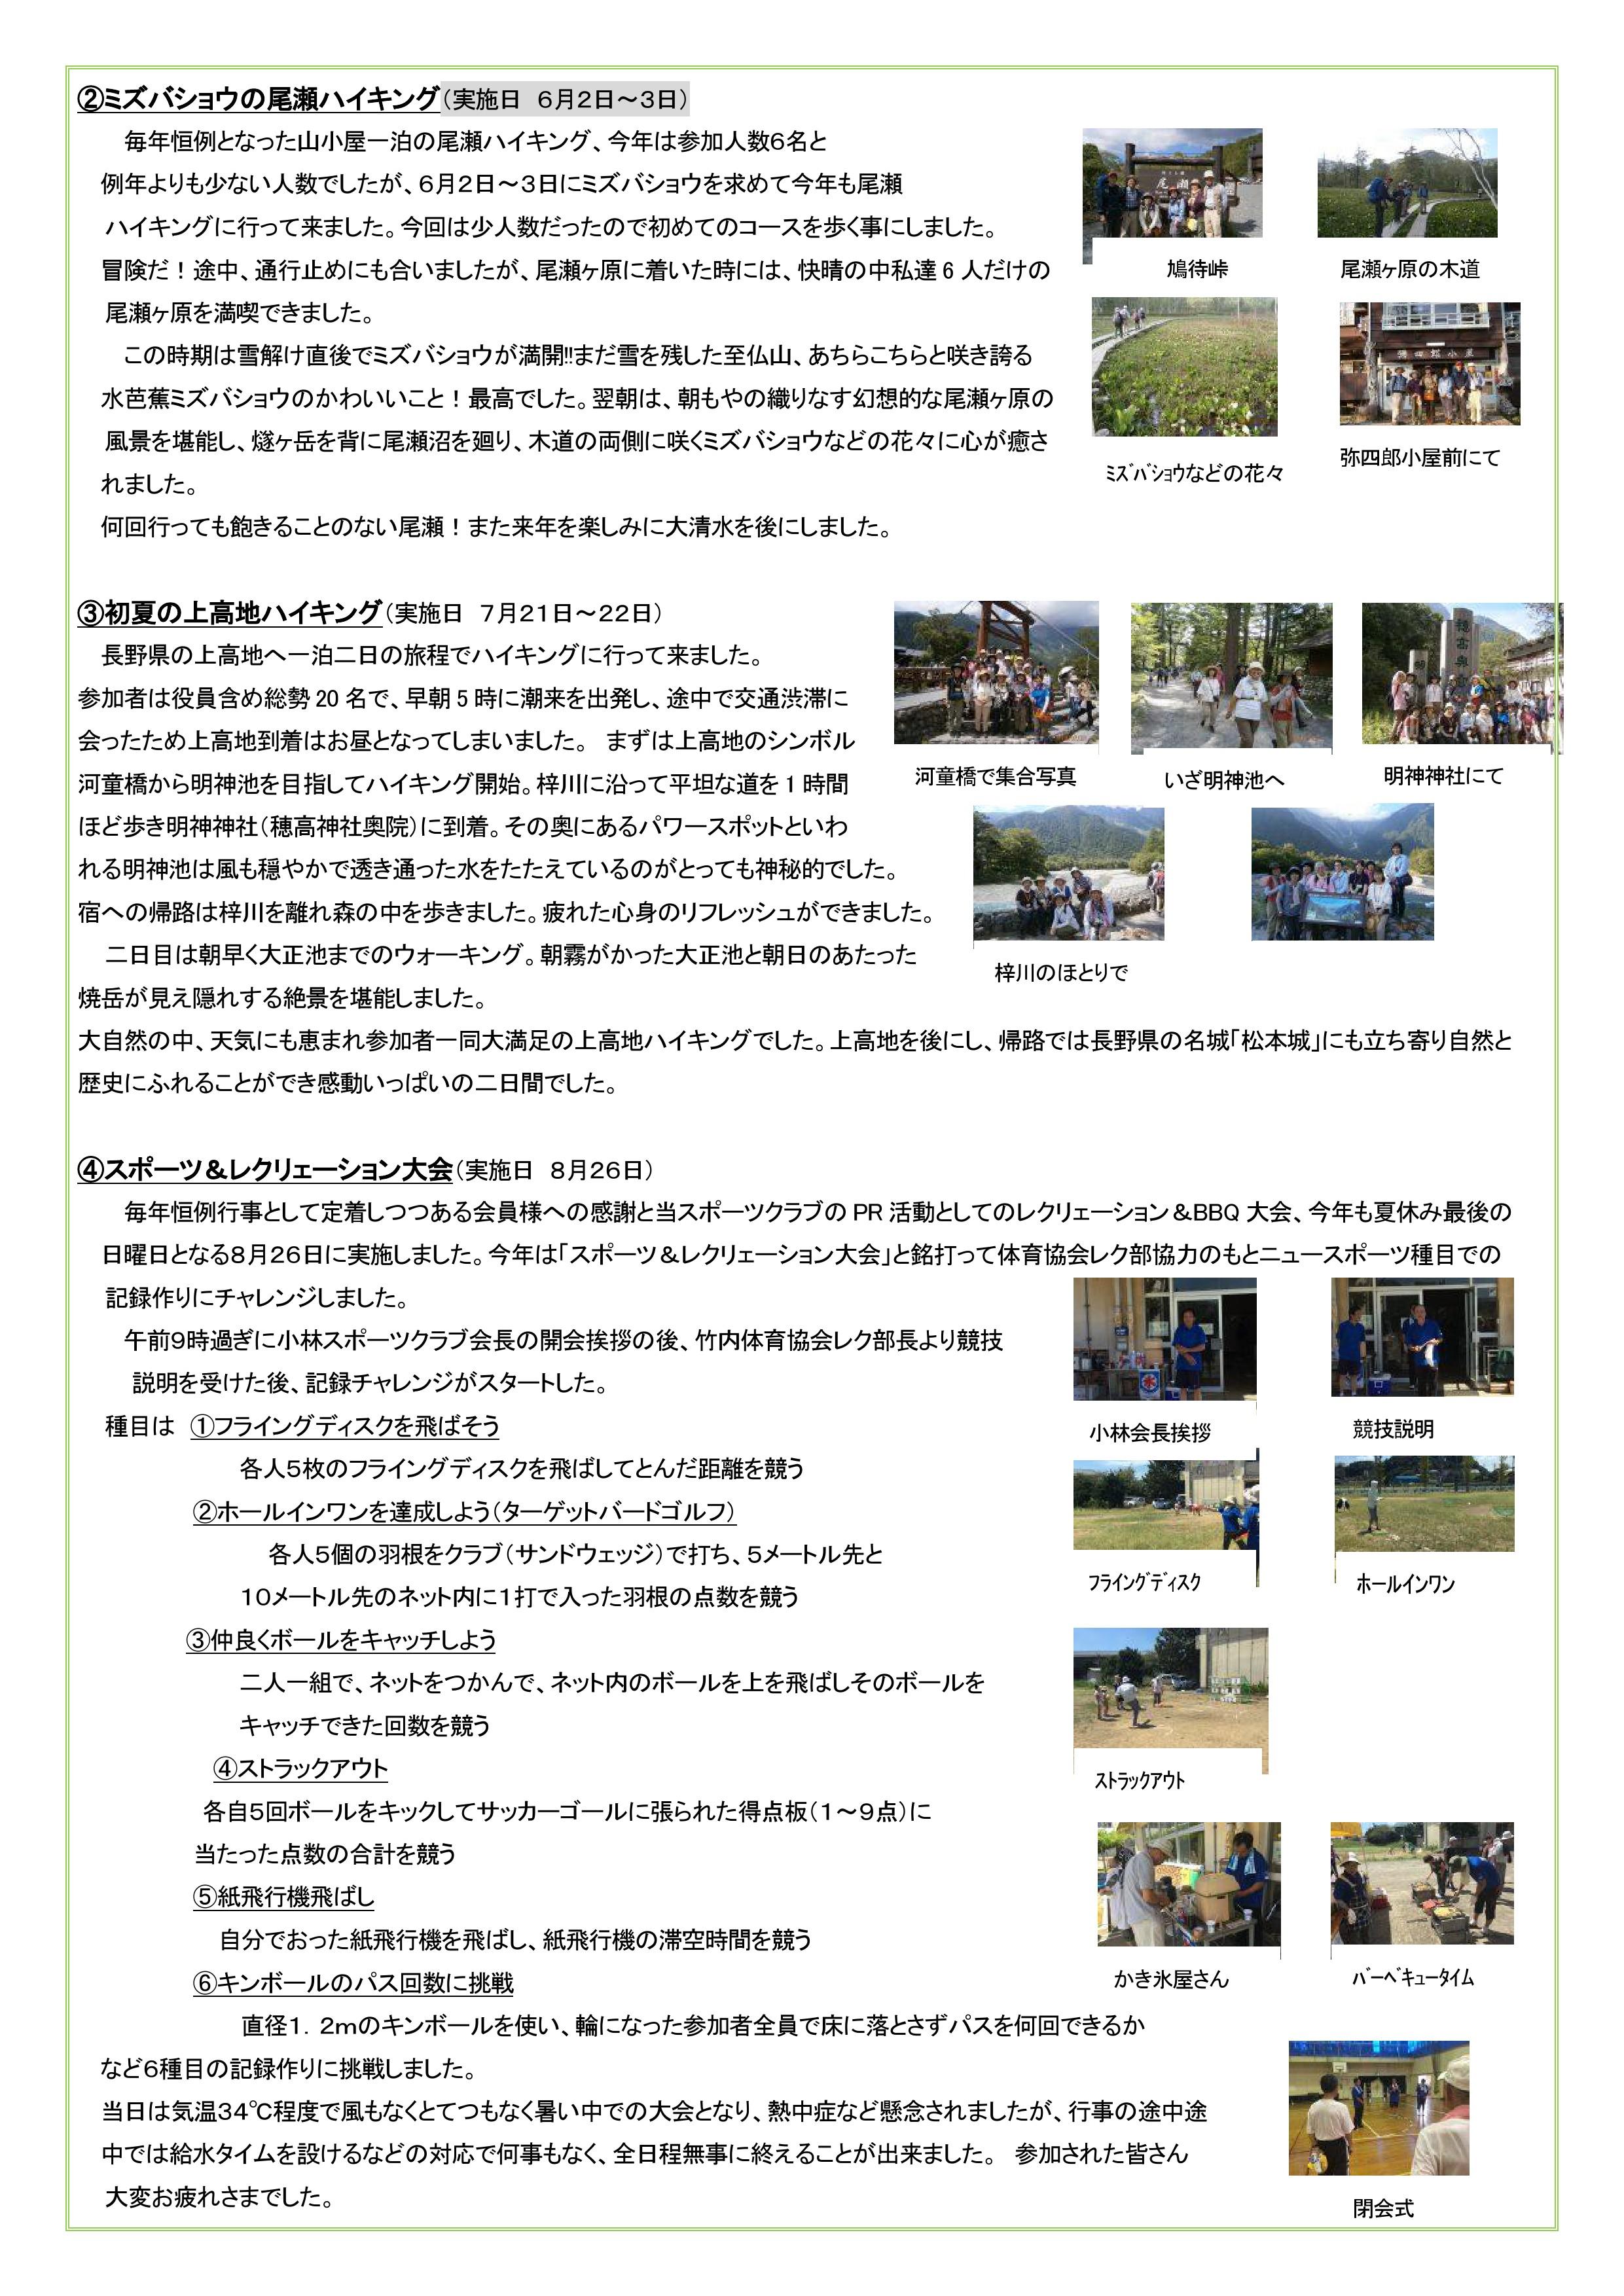 いきいきITAKOスポーツクラブ会報2018_01最終_PAGE0001